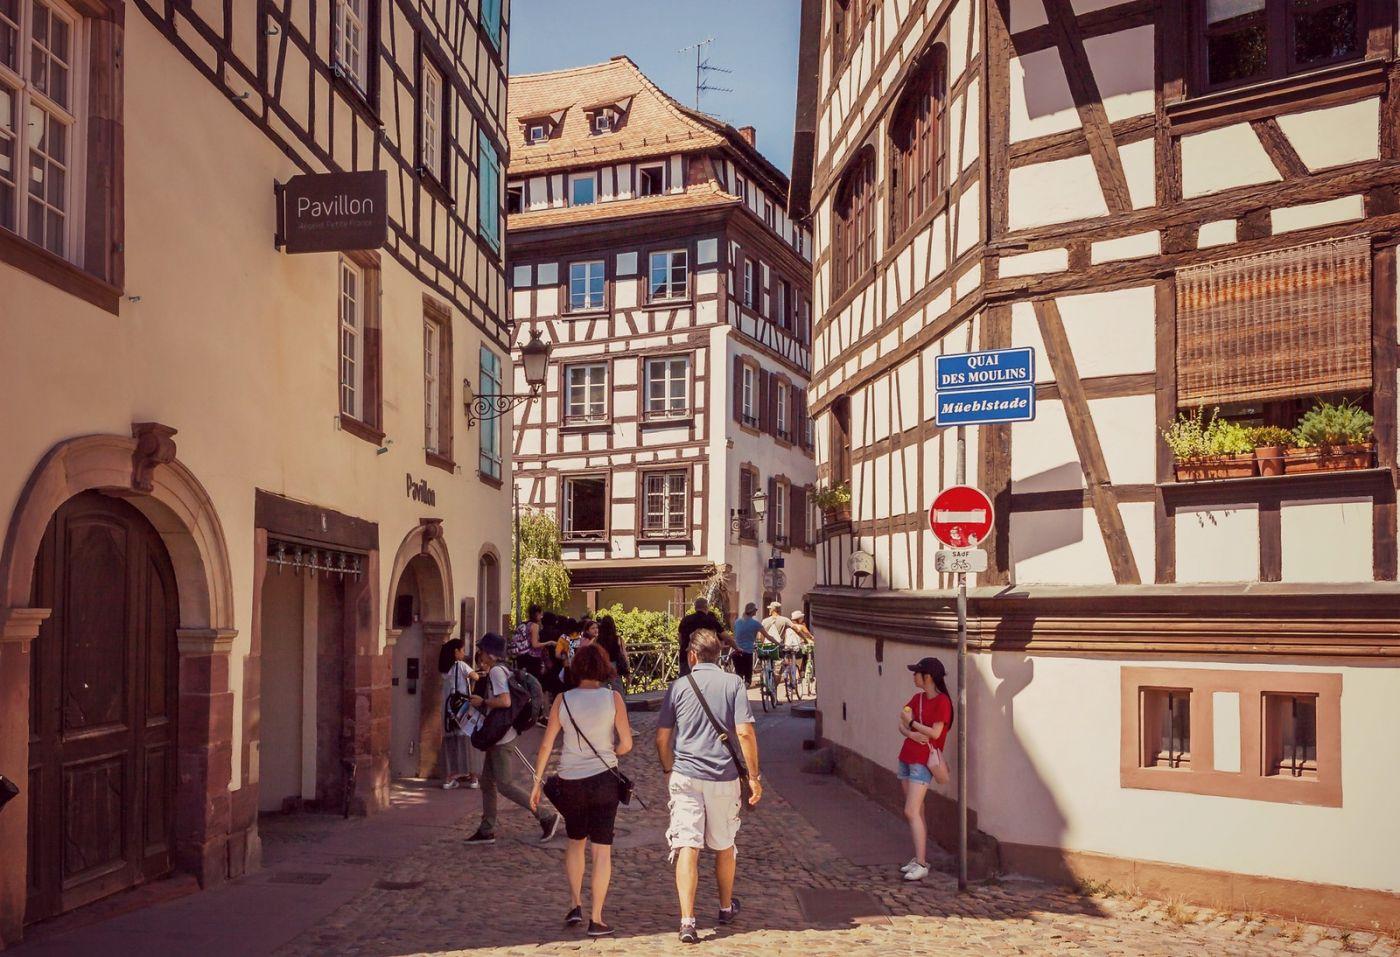 法国斯特拉斯堡(Strasbourg),边走边拍_图1-23